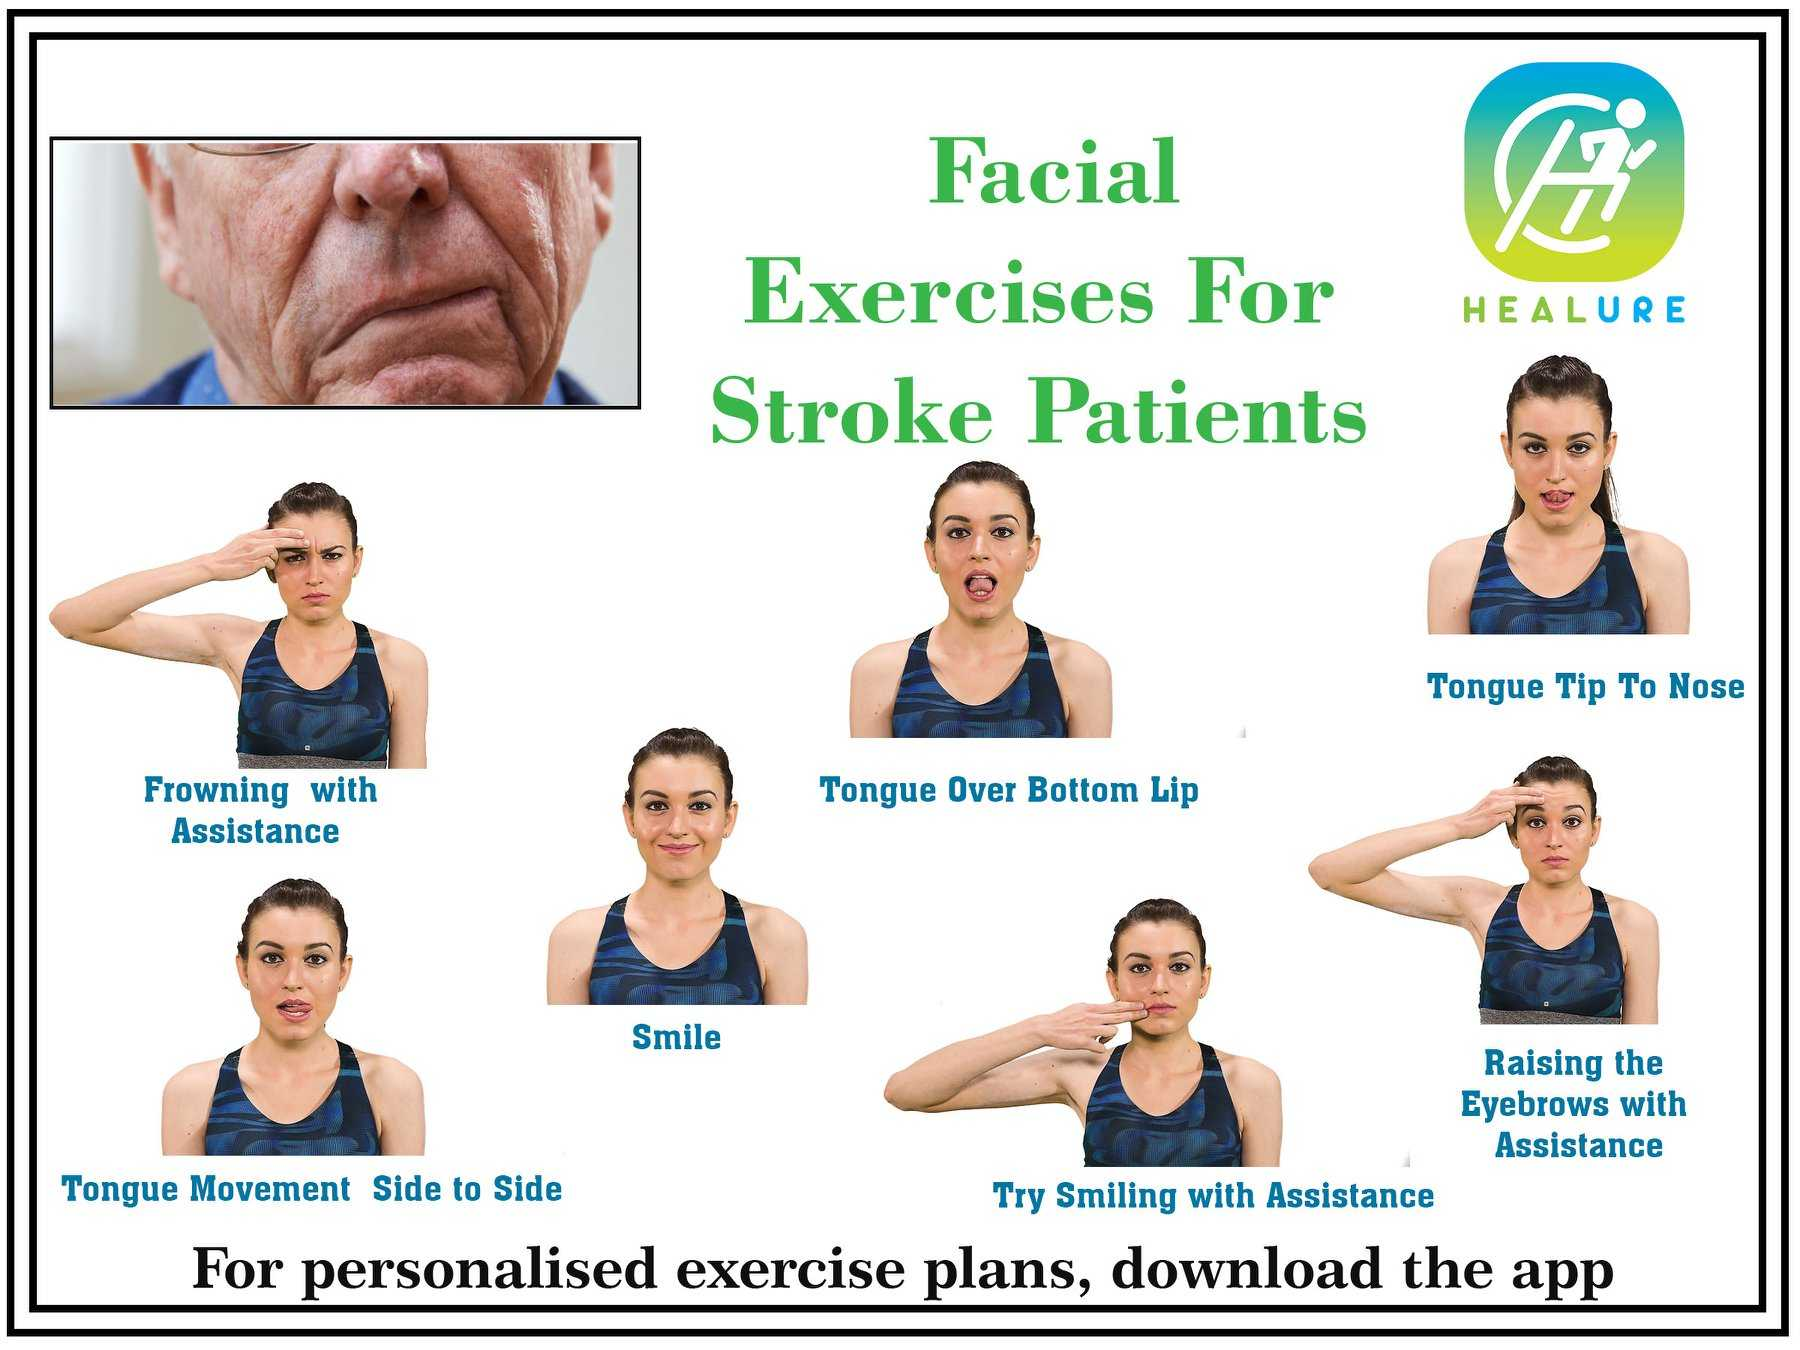 Упражнения для лица после инсульта